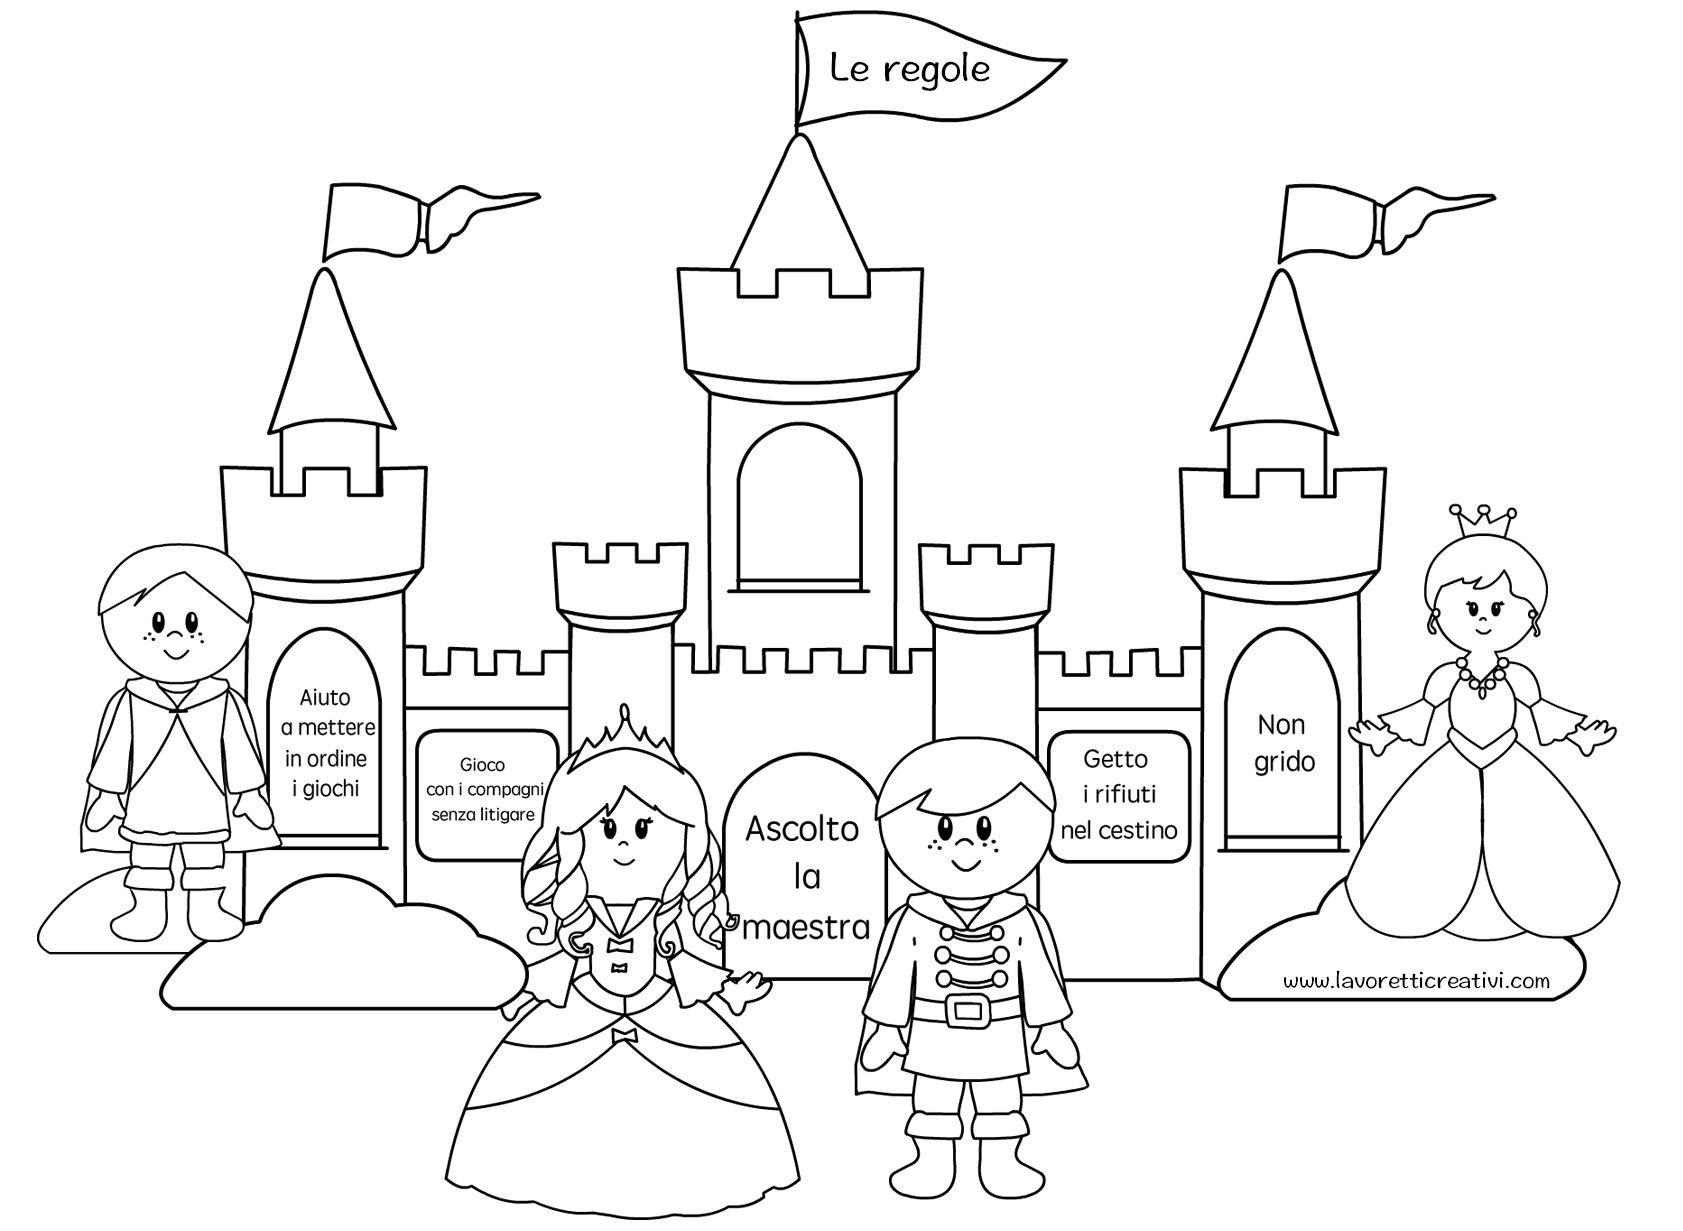 Castello Regole Principesse Regole Coloring Pages Fairy Tales E